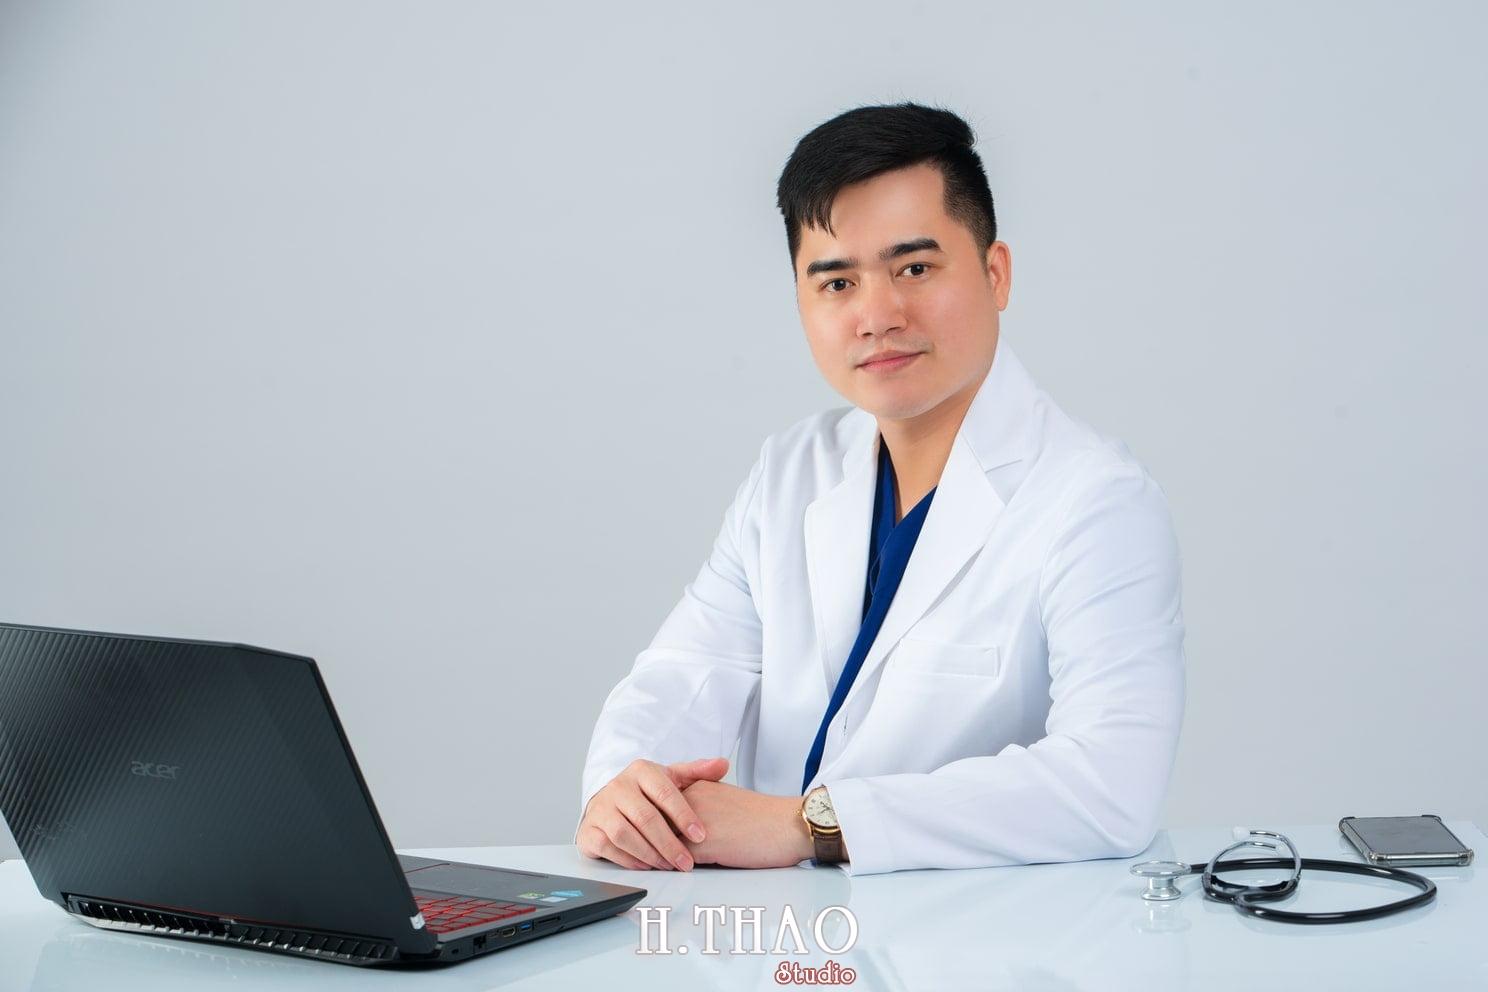 Anh Doanh nhan 48 - Báo giá chụp ảnh doanh nhân